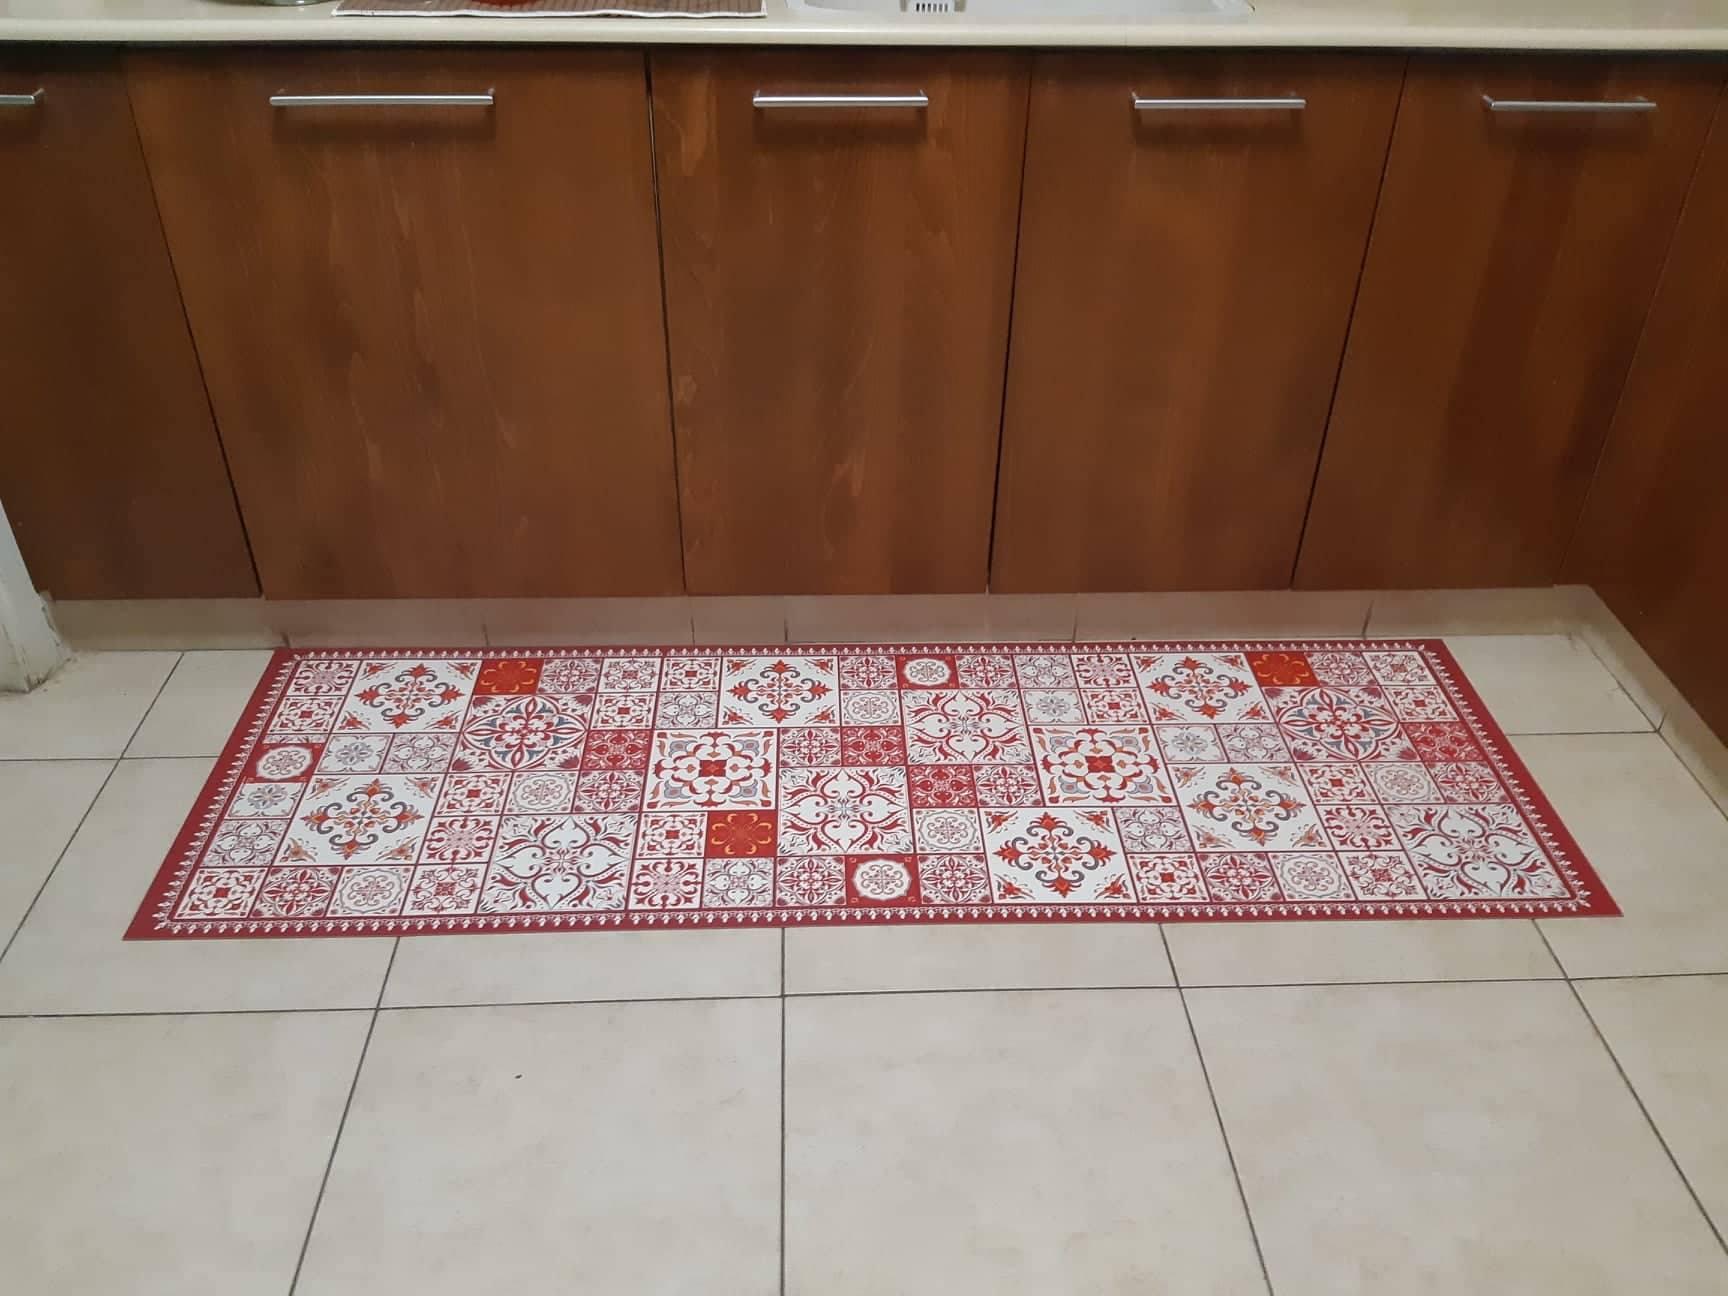 שטיח פי וי סי דגם אותנטי אדום